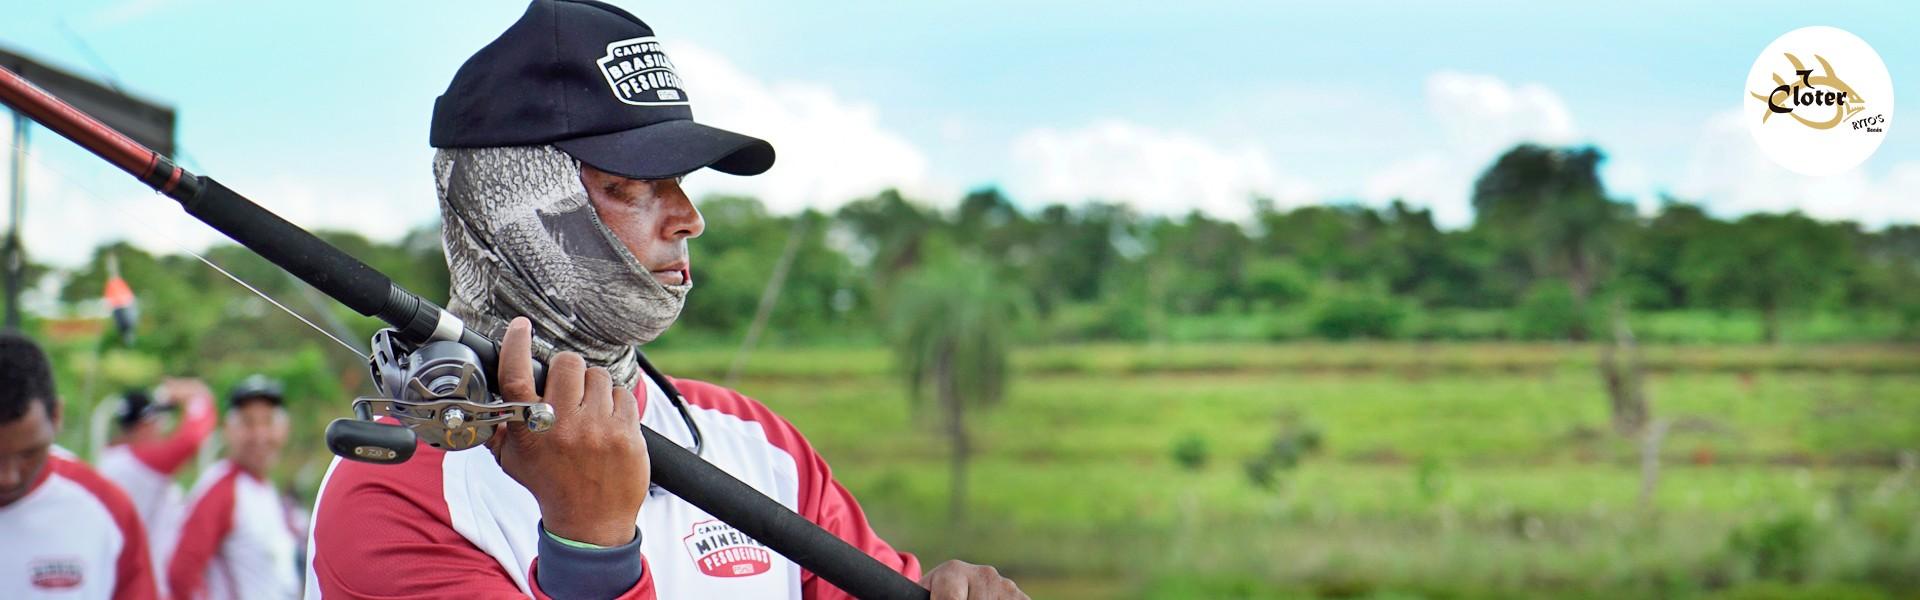 Cloter - Rytos Bonés renova parceria com o Campeonato Brasileiro em Pesqueiros